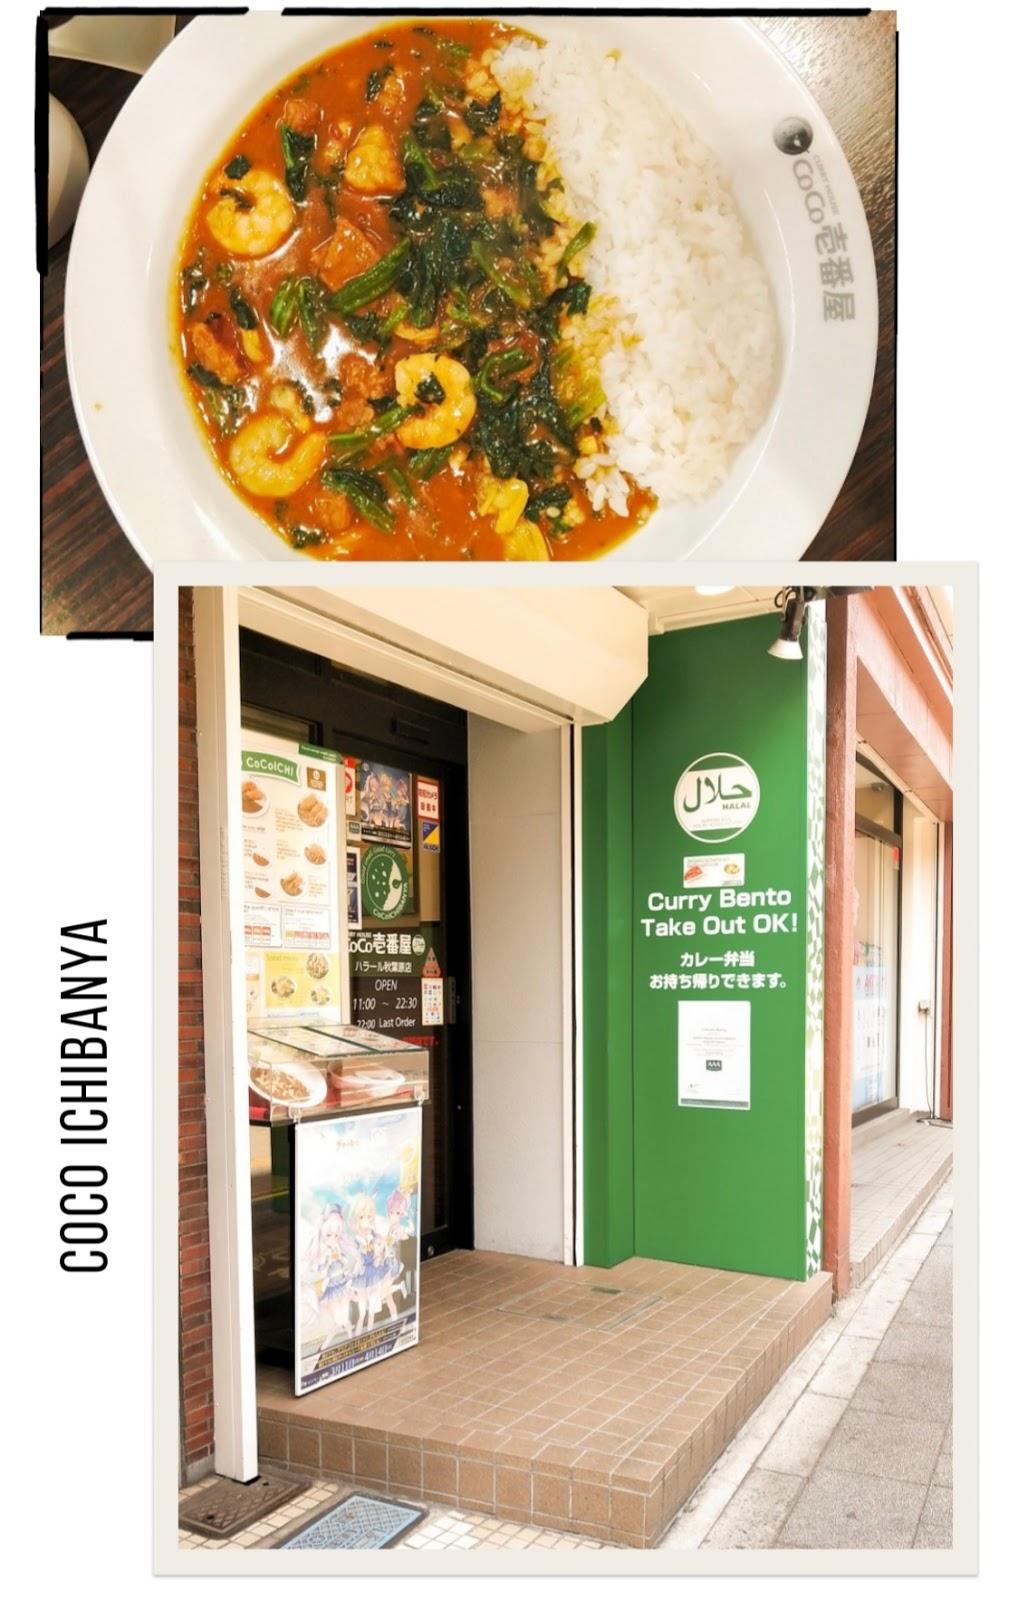 coco ichibanya tokyo, coco ichibanya halal curry, halal curry in tokyo